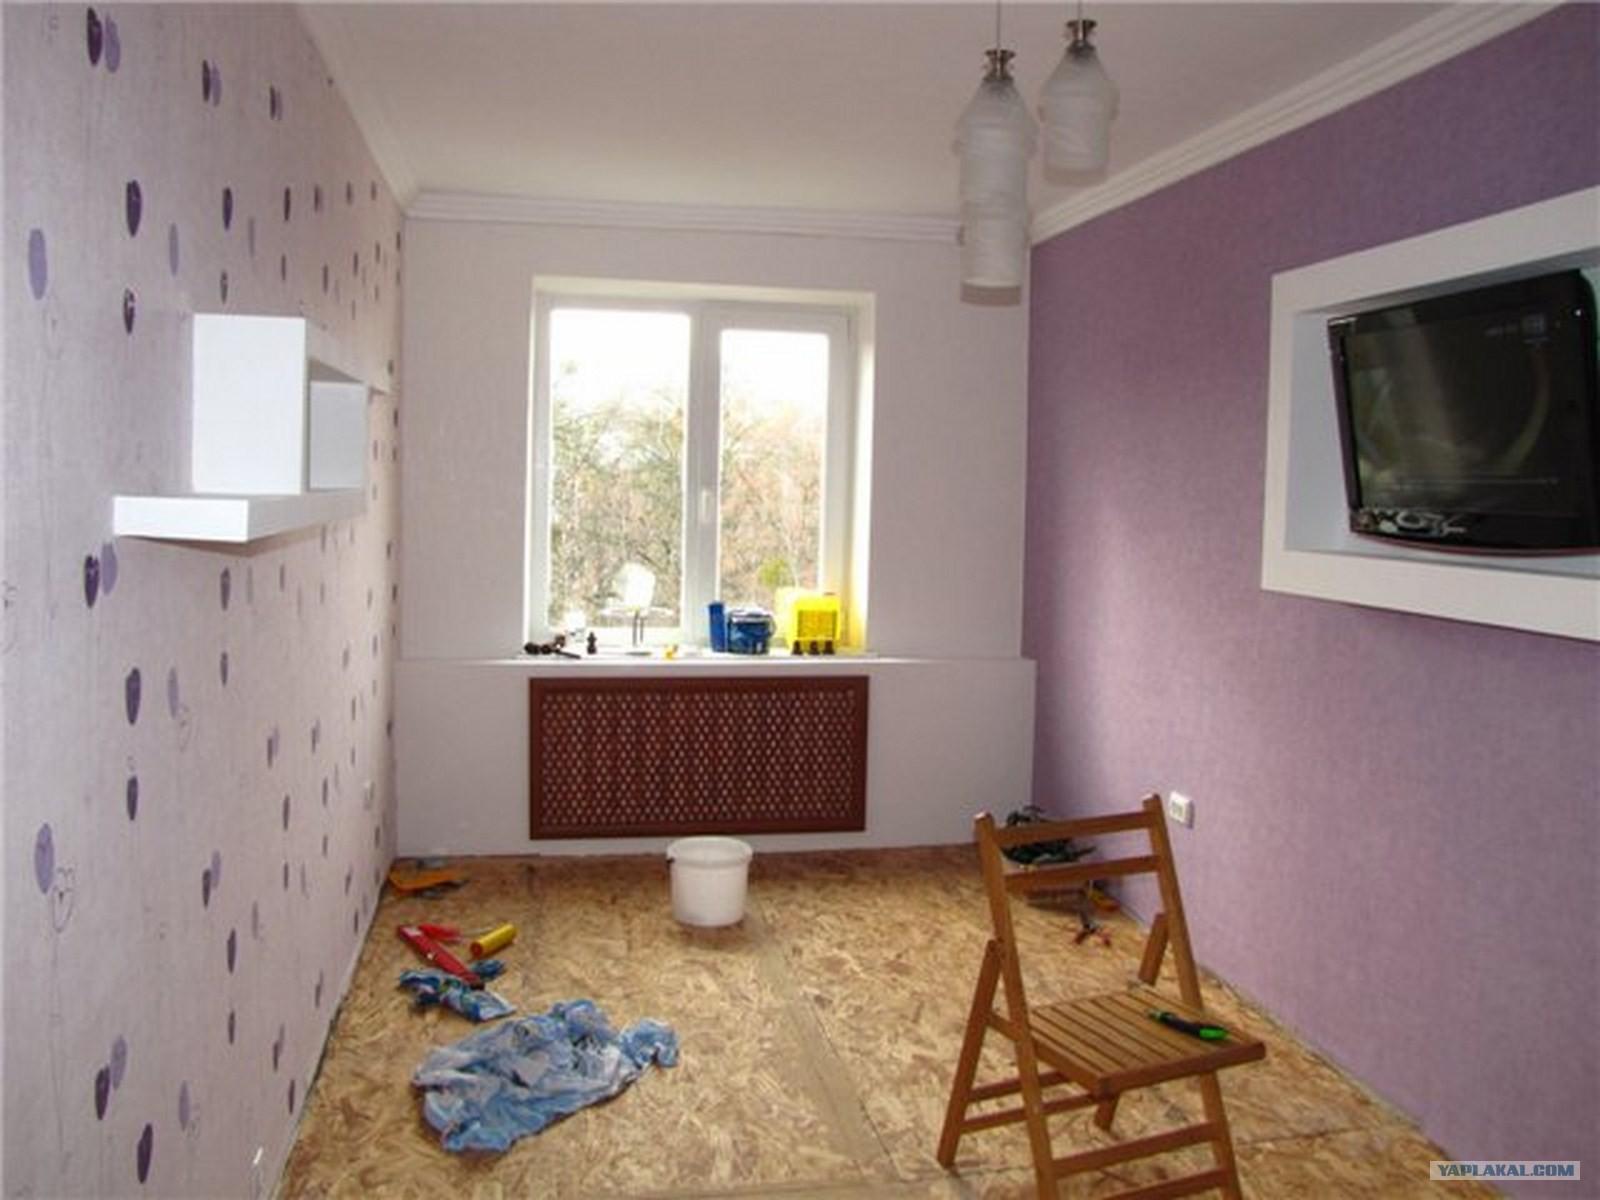 Как сделать ремонт в 2 комнатной квартире своими руками